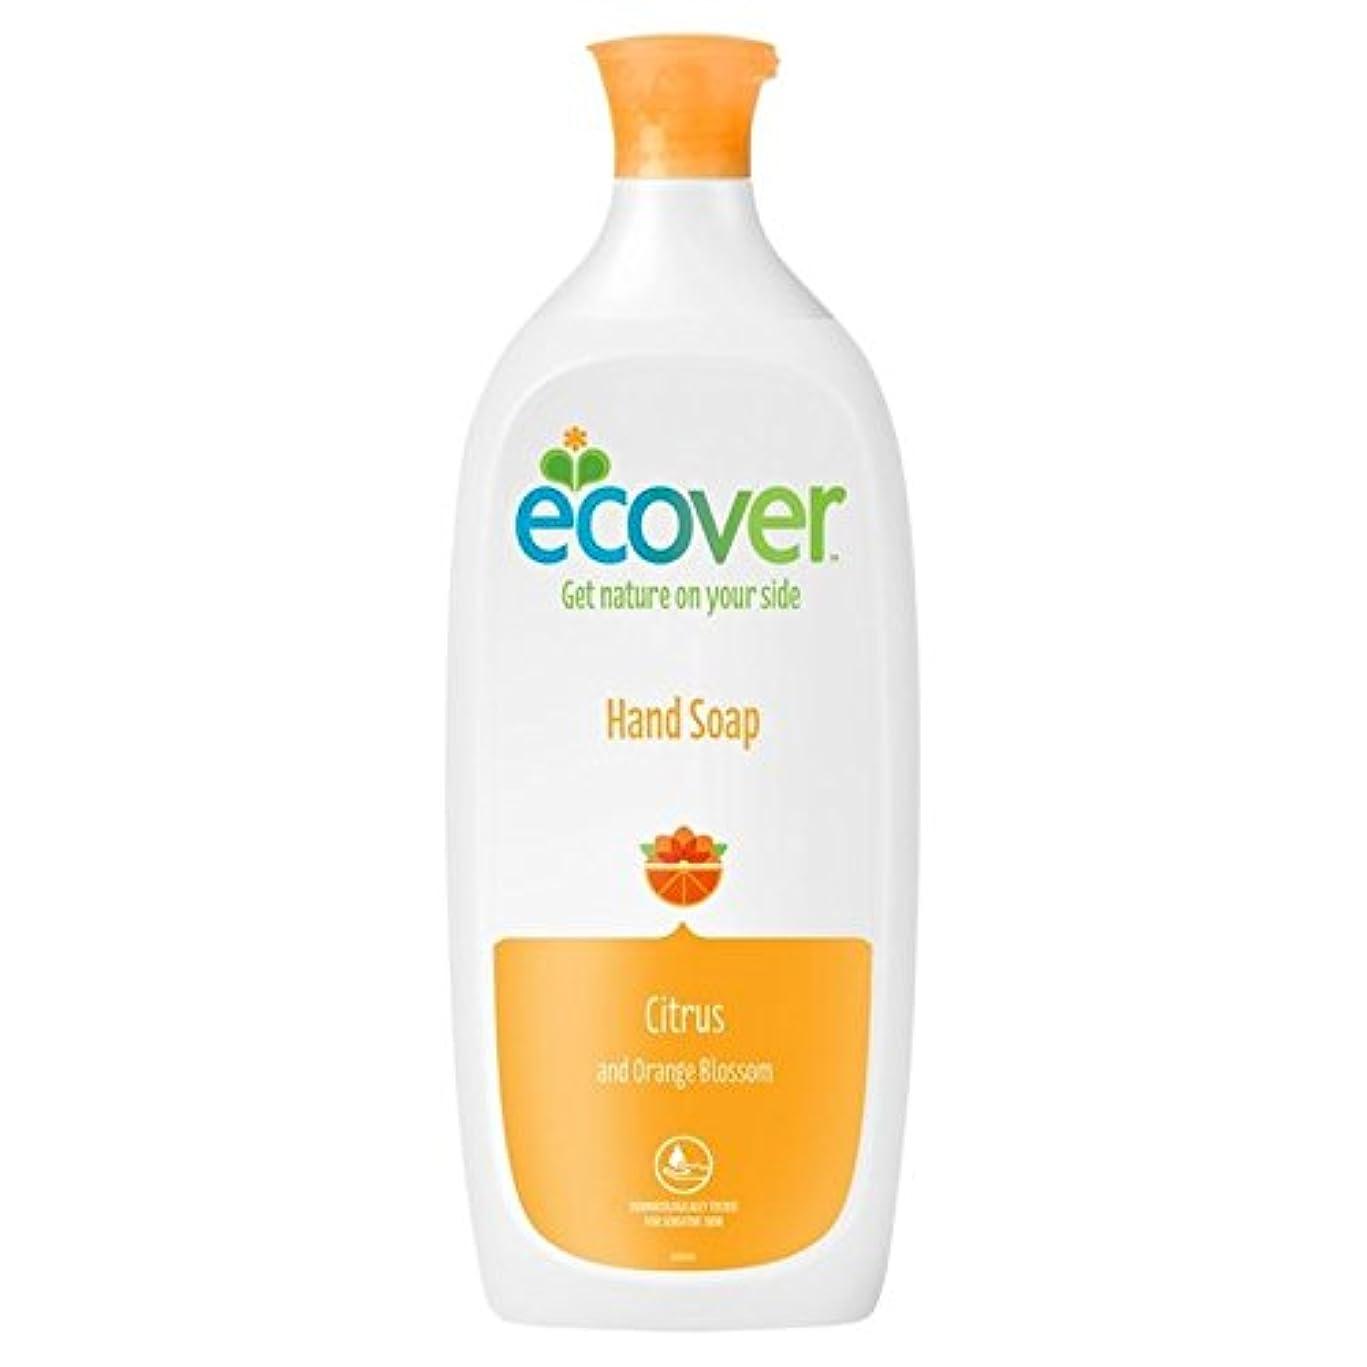 引くきらめく建てるEcover Liquid Soap Citrus & Orange Blossom Refill 1L - エコベール液体石鹸シトラス&オレンジの花のリフィル1リットル [並行輸入品]